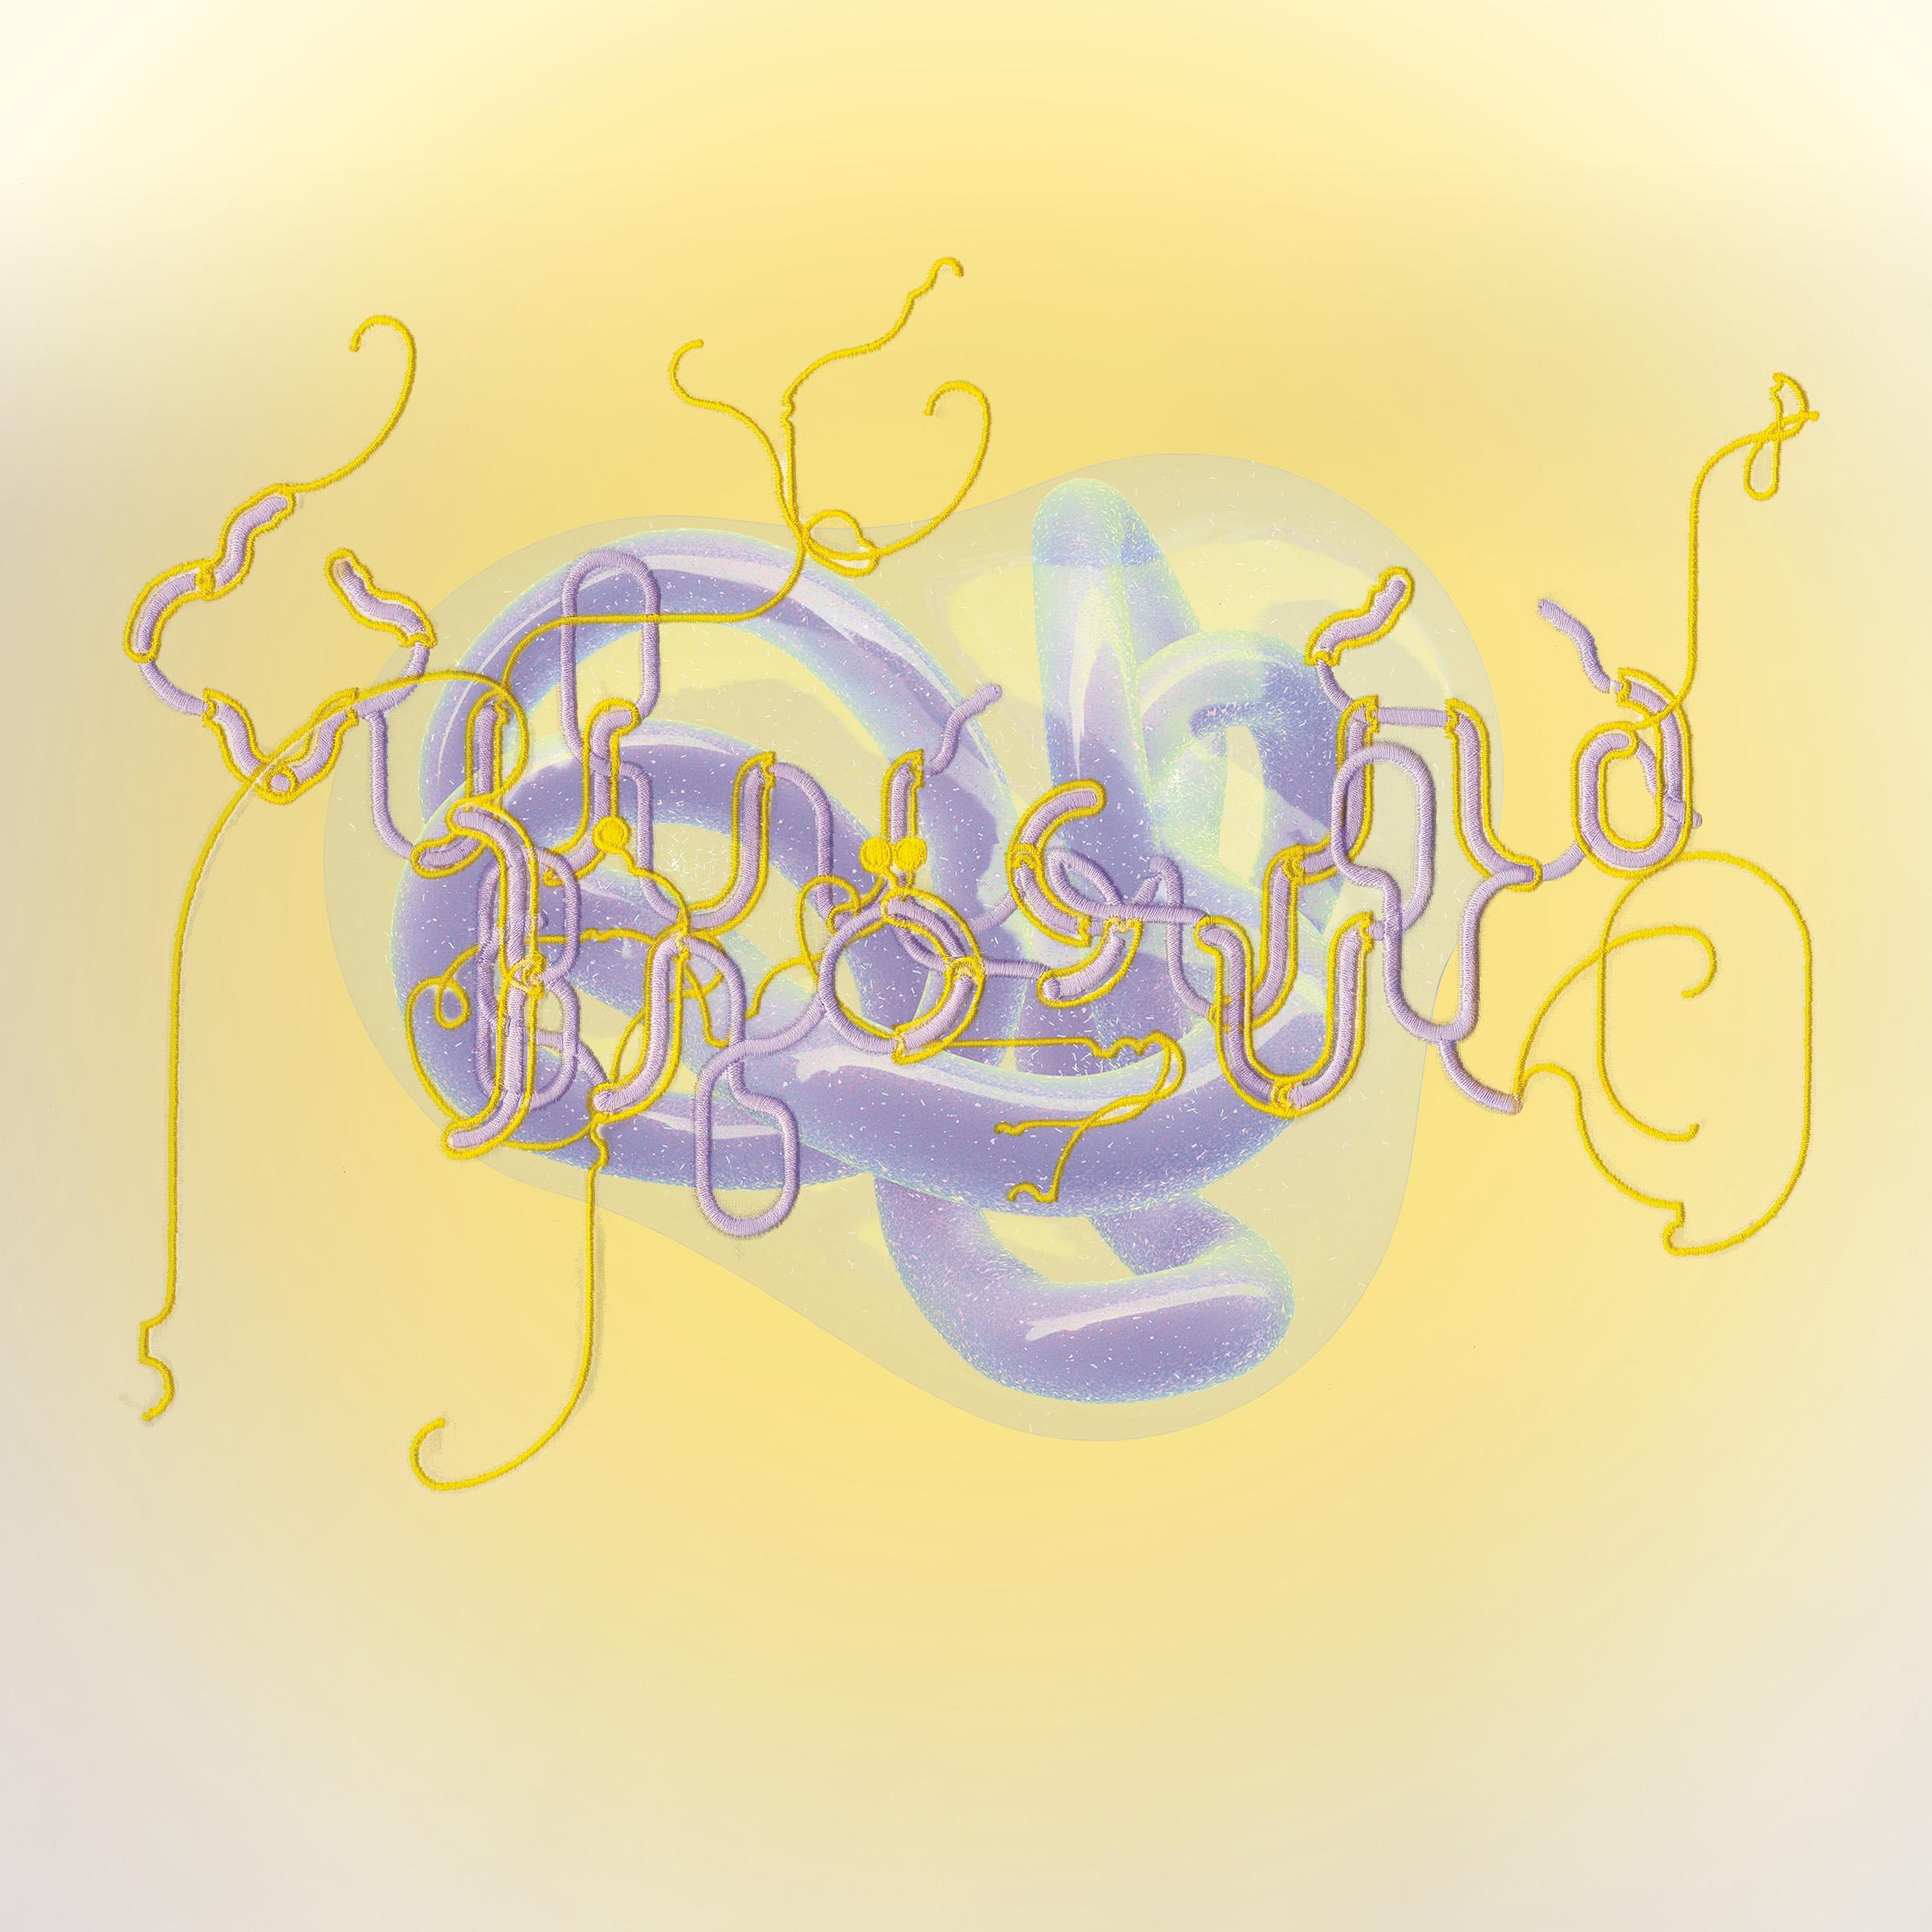 artworks-000120743171-5ebq6q-original.jp